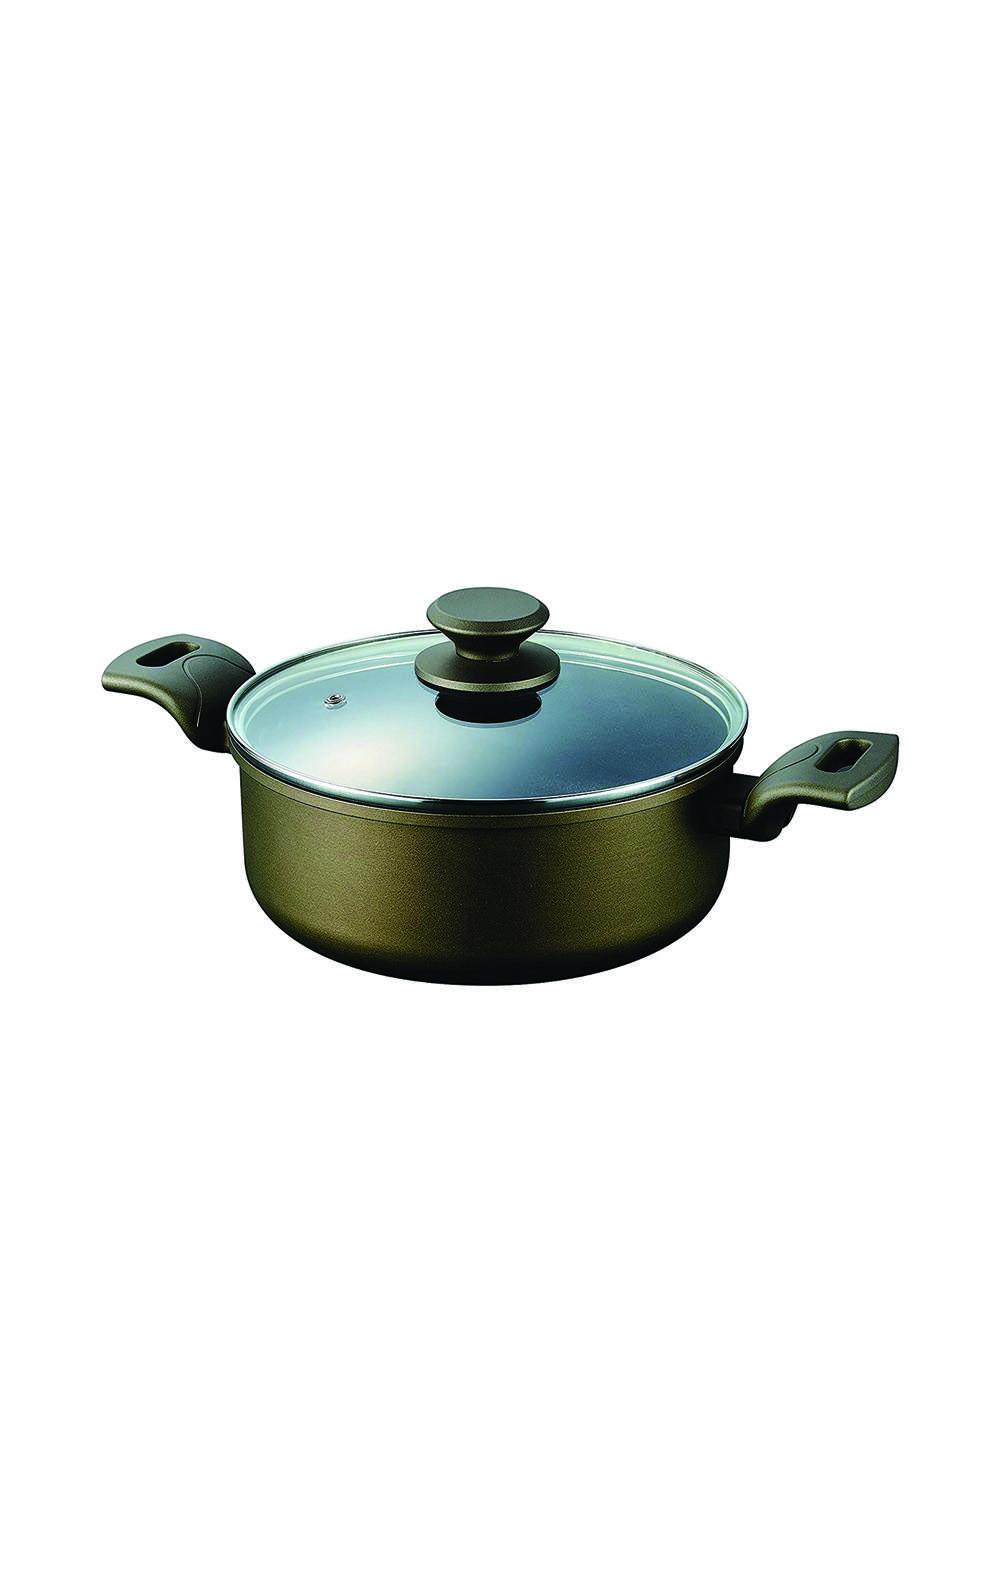 Pearl Metal HB-5512  Double-Handled Pot 20 cm قدر مع غطاء بايركس